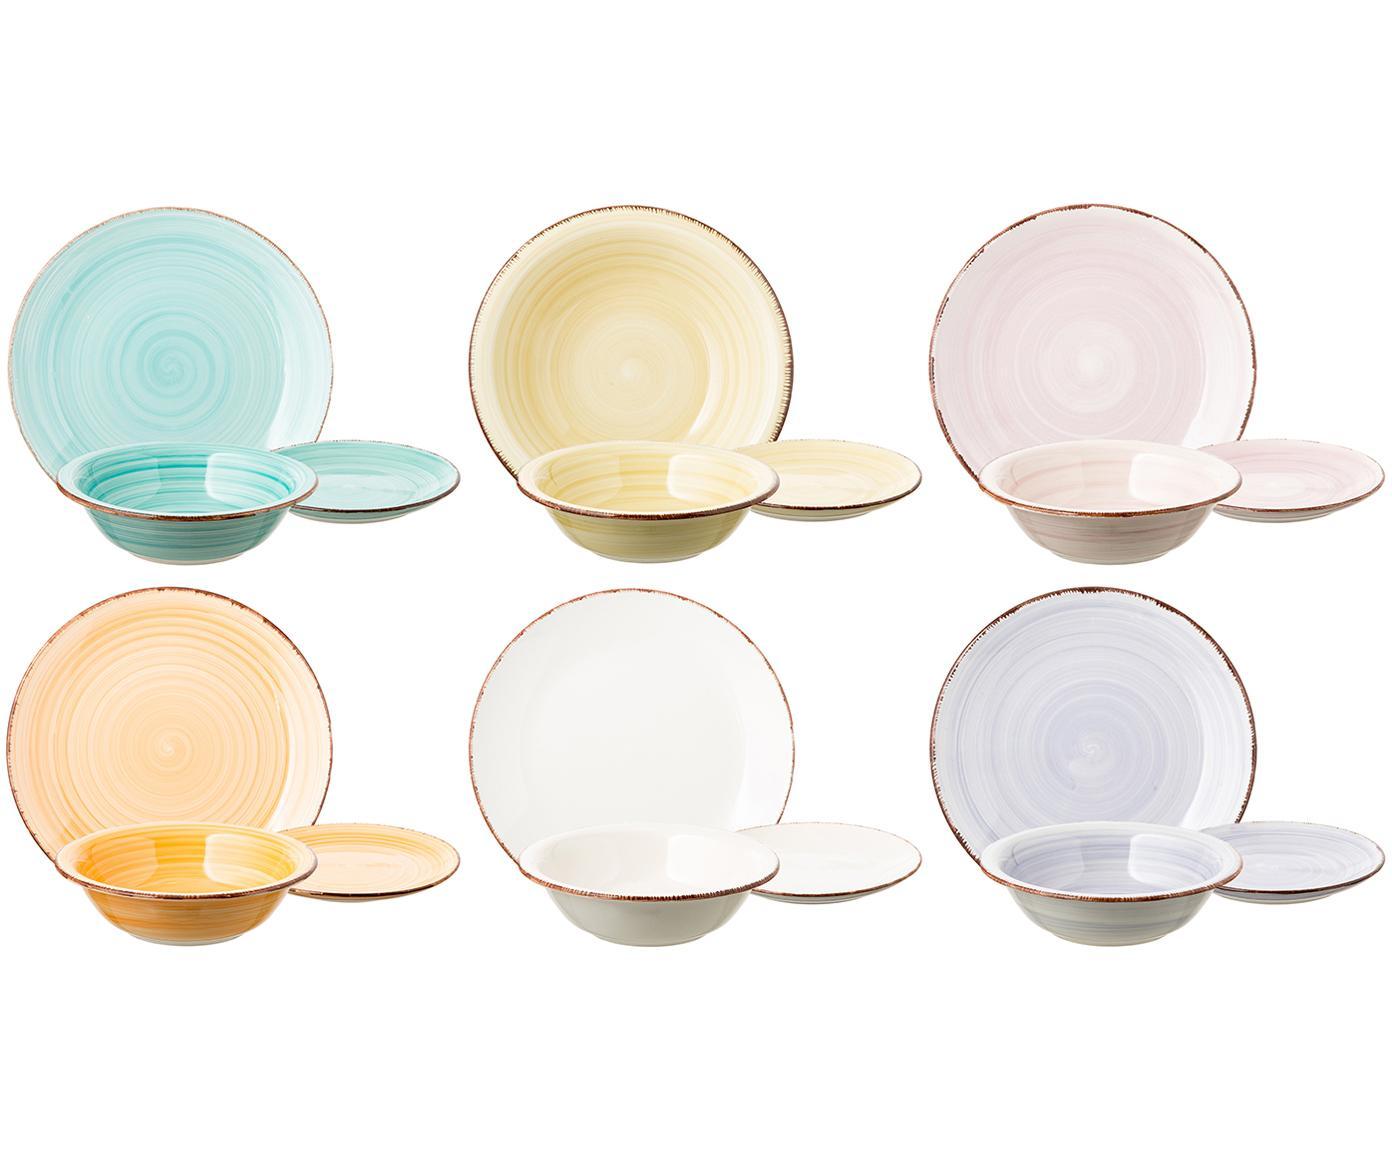 Geschirr-Set Baita in Pastelltönen, 6 Personen (18-tlg.), Steingut (Hard Dolomite), handbemalt, Gelb-, Rosatöne, Hellblau, Weiss, Verschiedene Grössen